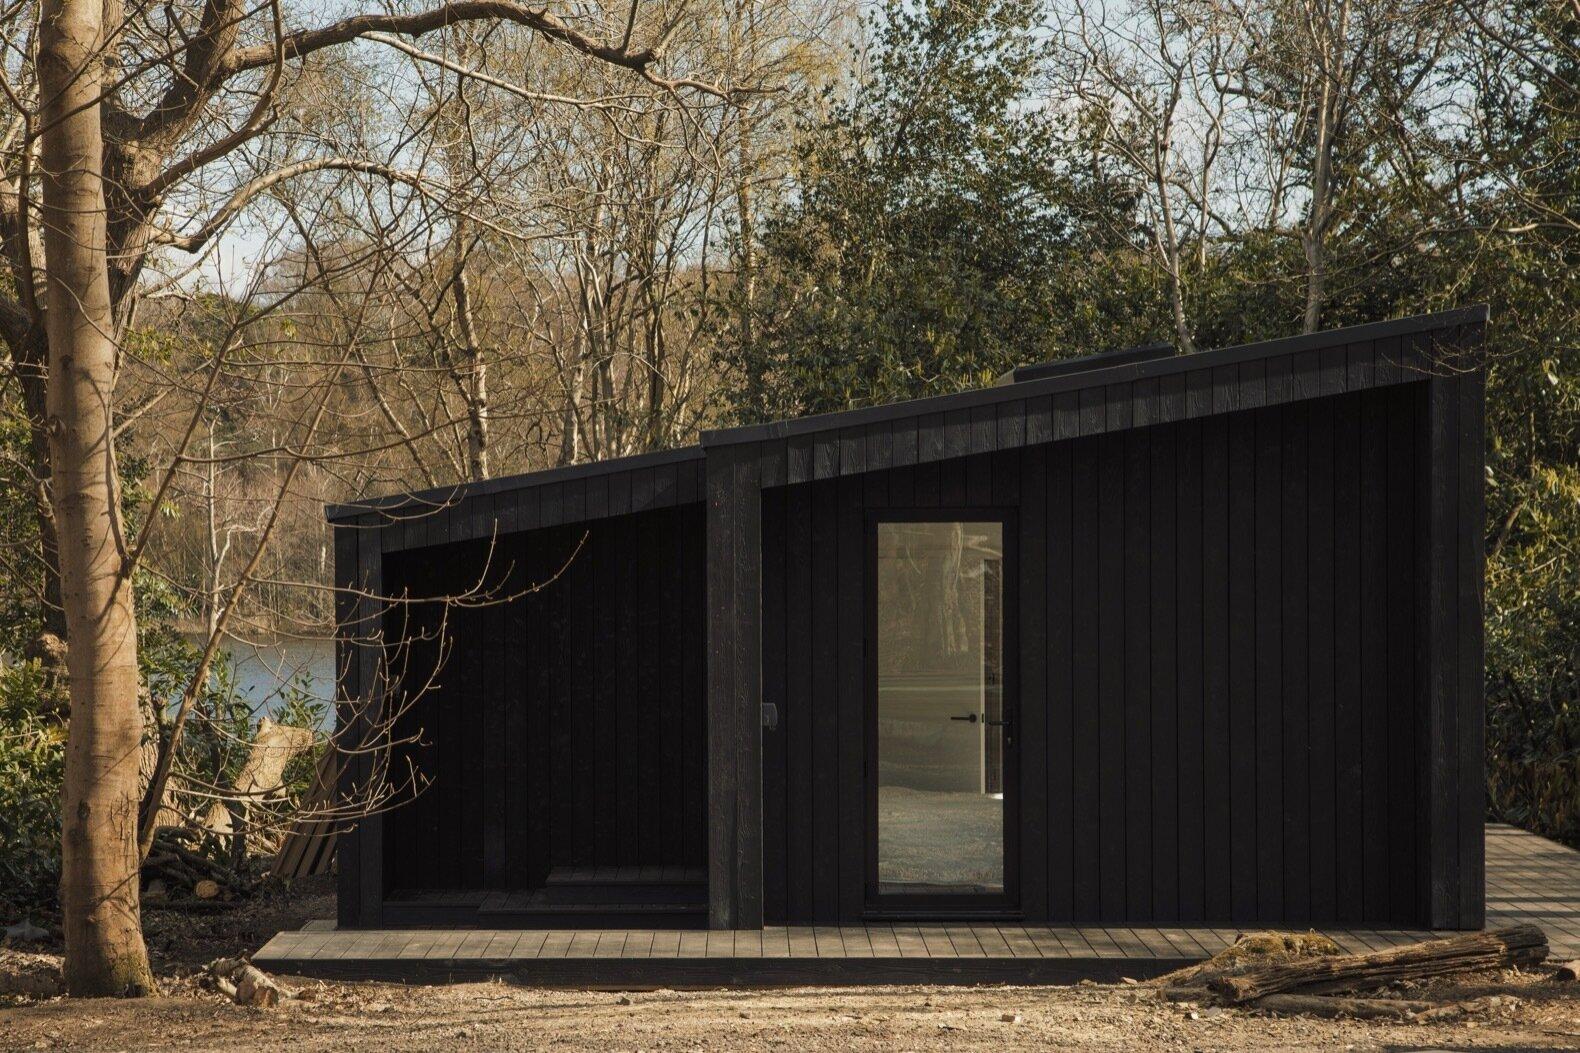 Ecoturismo de casas pré-fabricadas